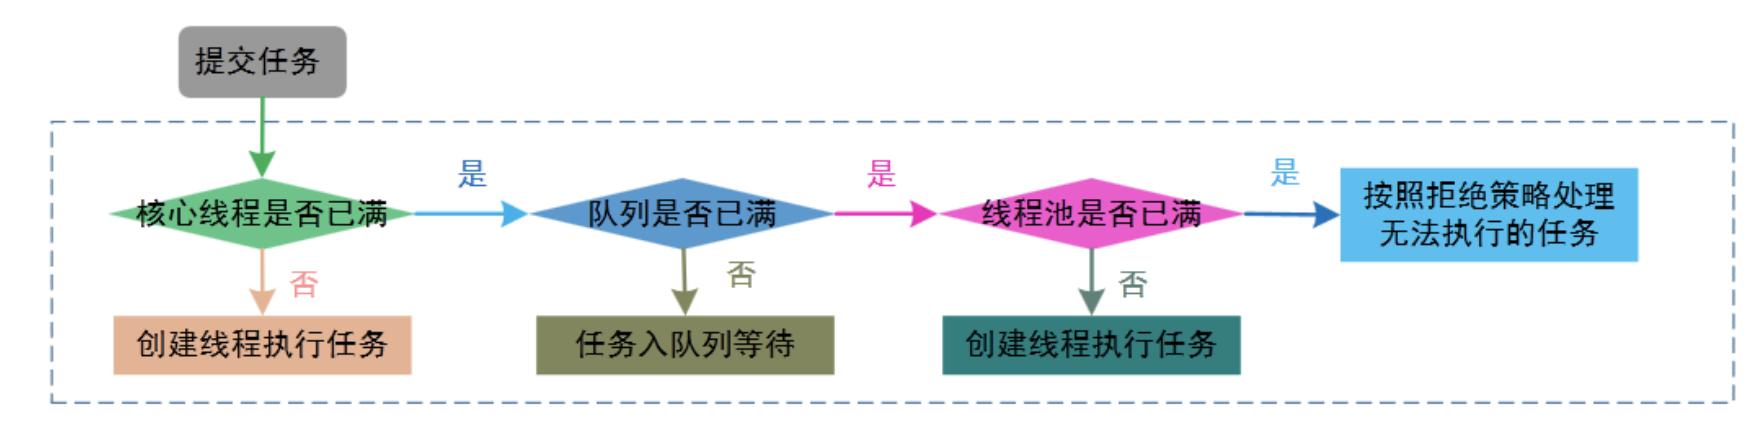 线程池流程